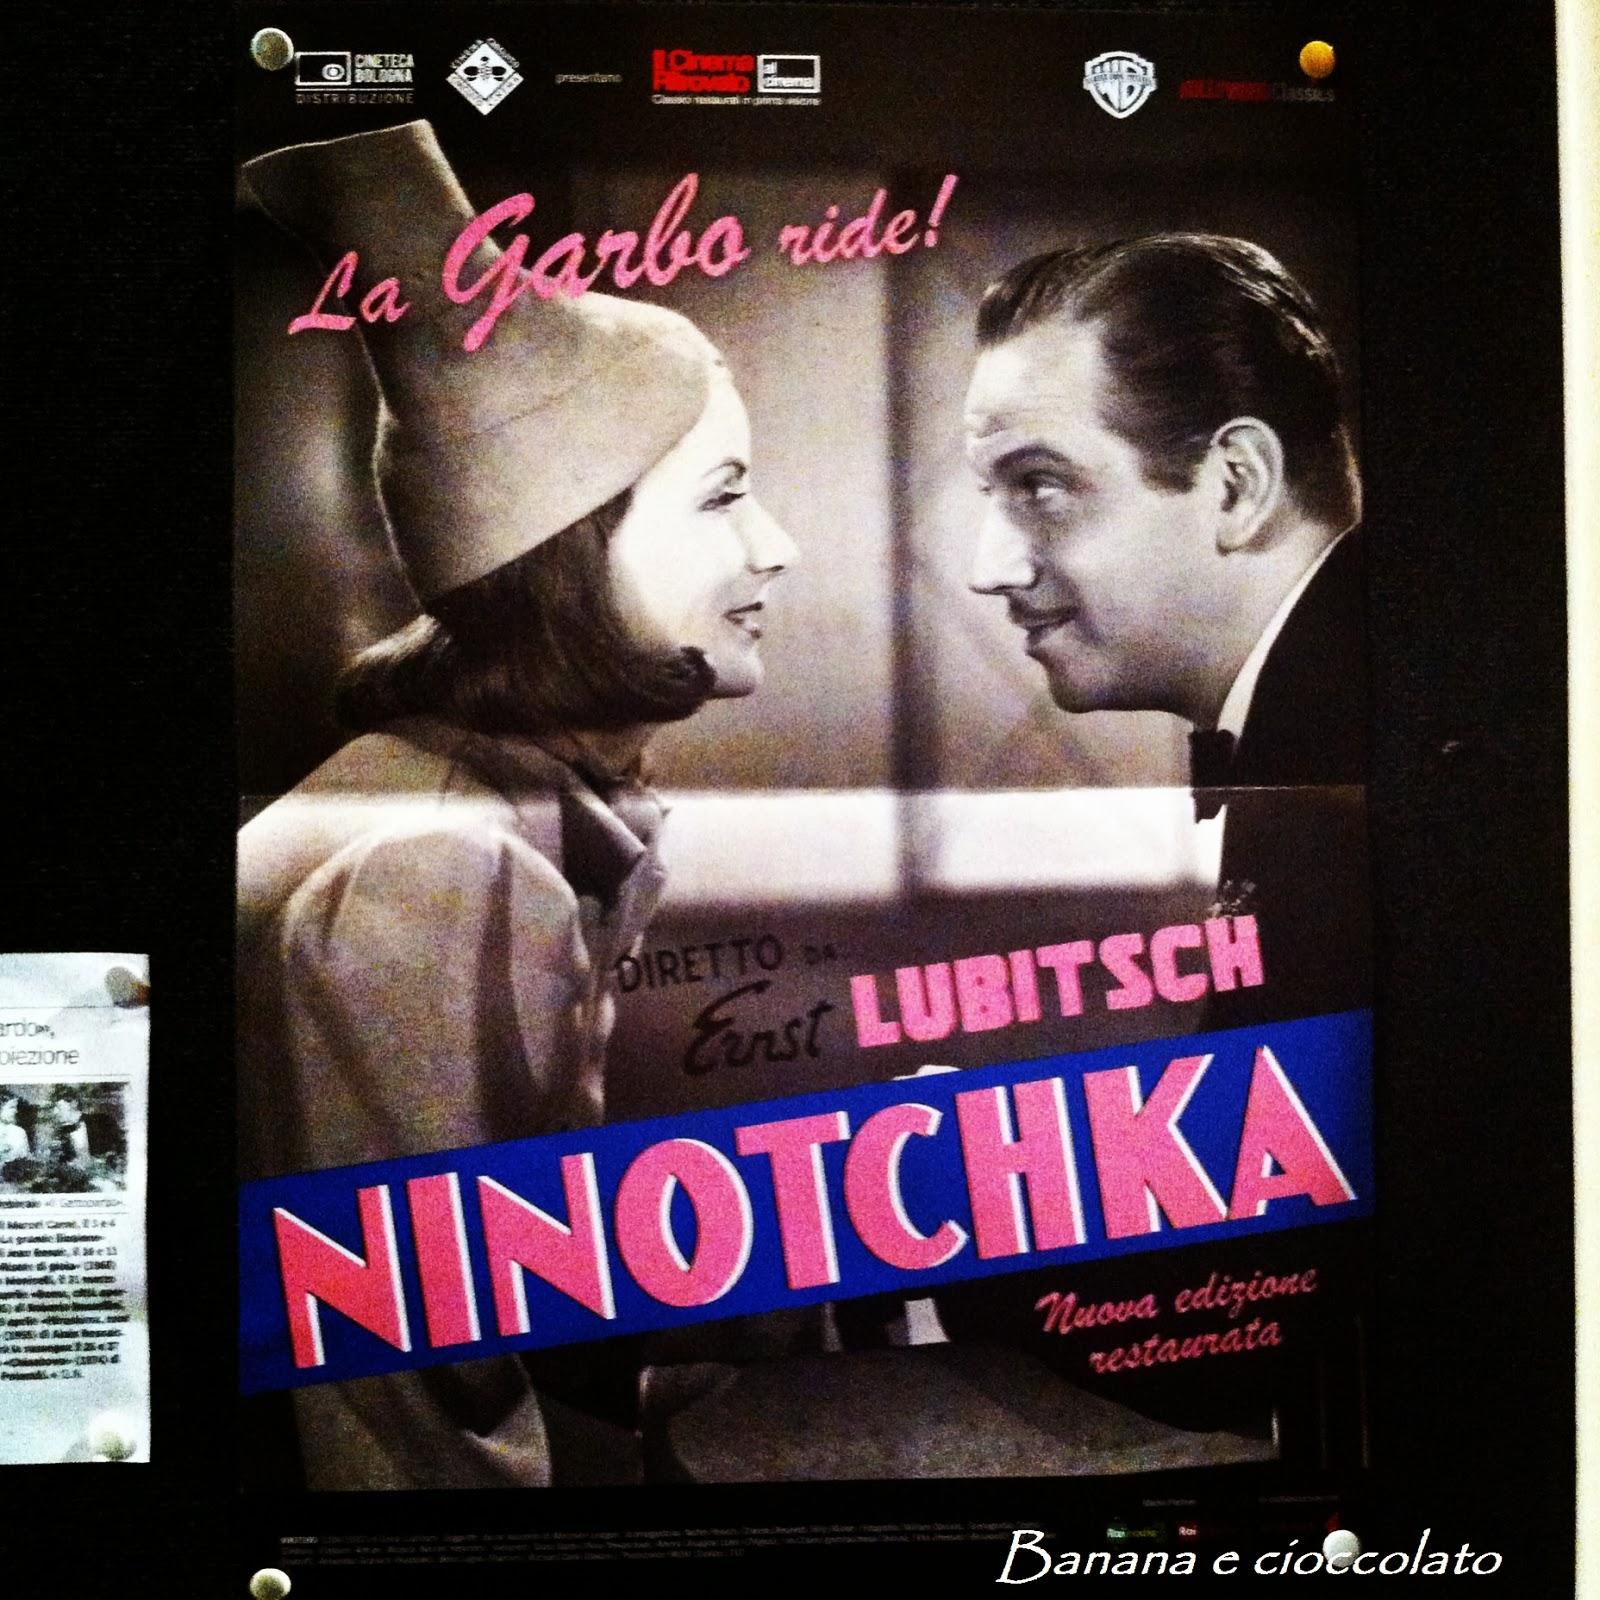 ninotchka, cinema astra, parma